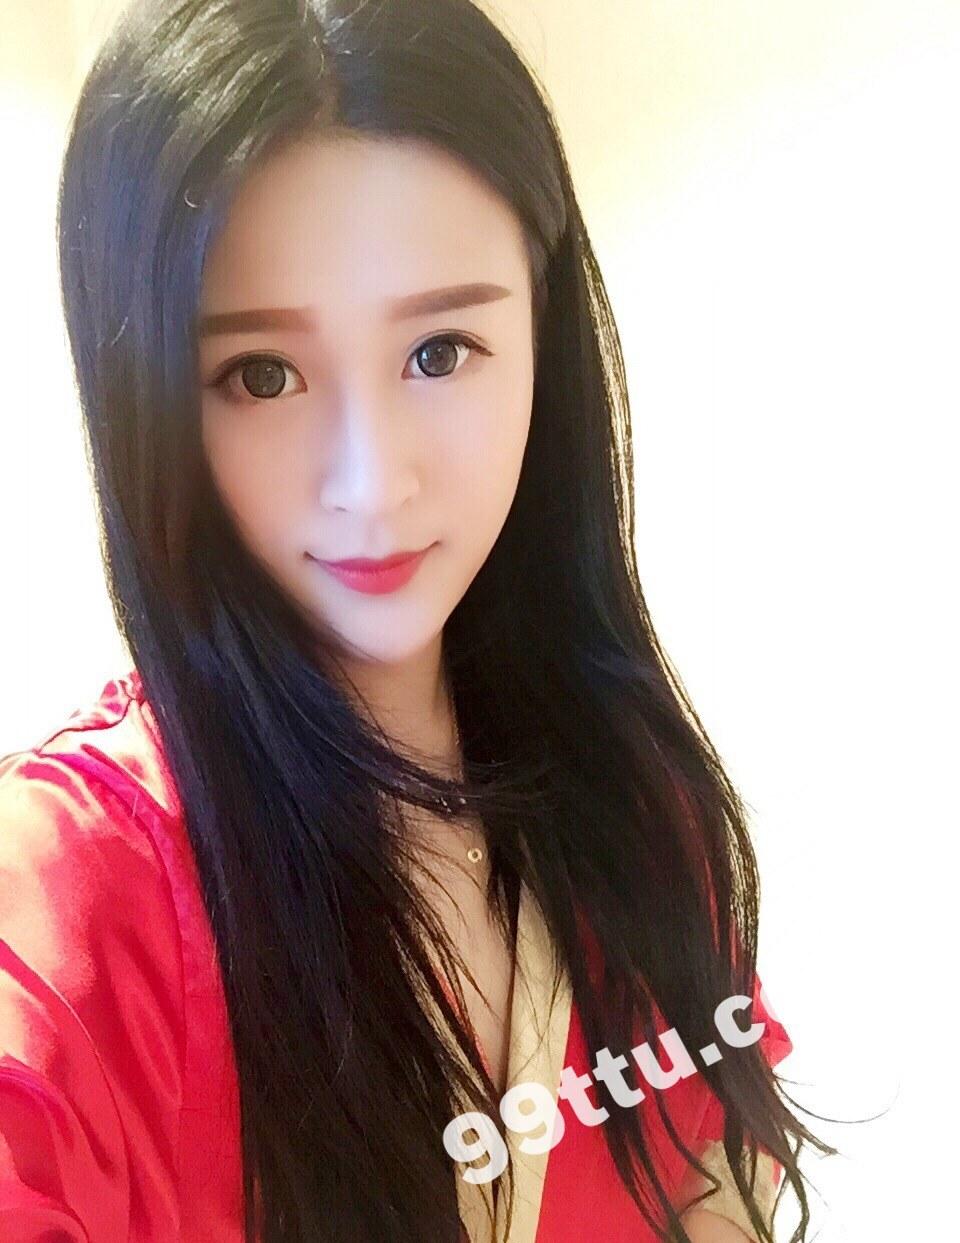 KK76_513张图+95个视频 推荐美女朋友圈套图生活照-6